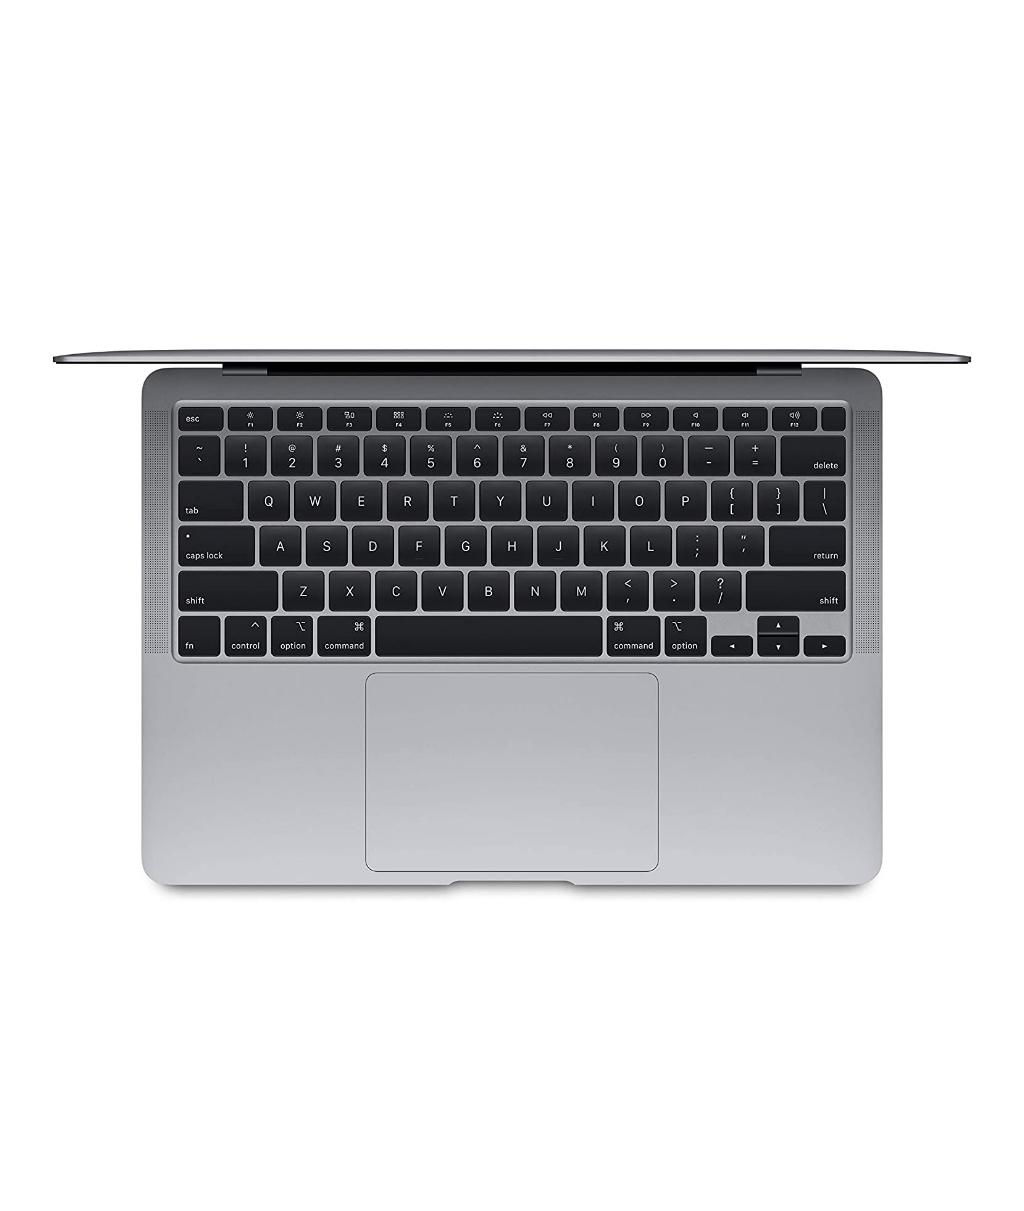 Apple MWTJ2LL/A MacBook Air Dizüstü Bilgisayar